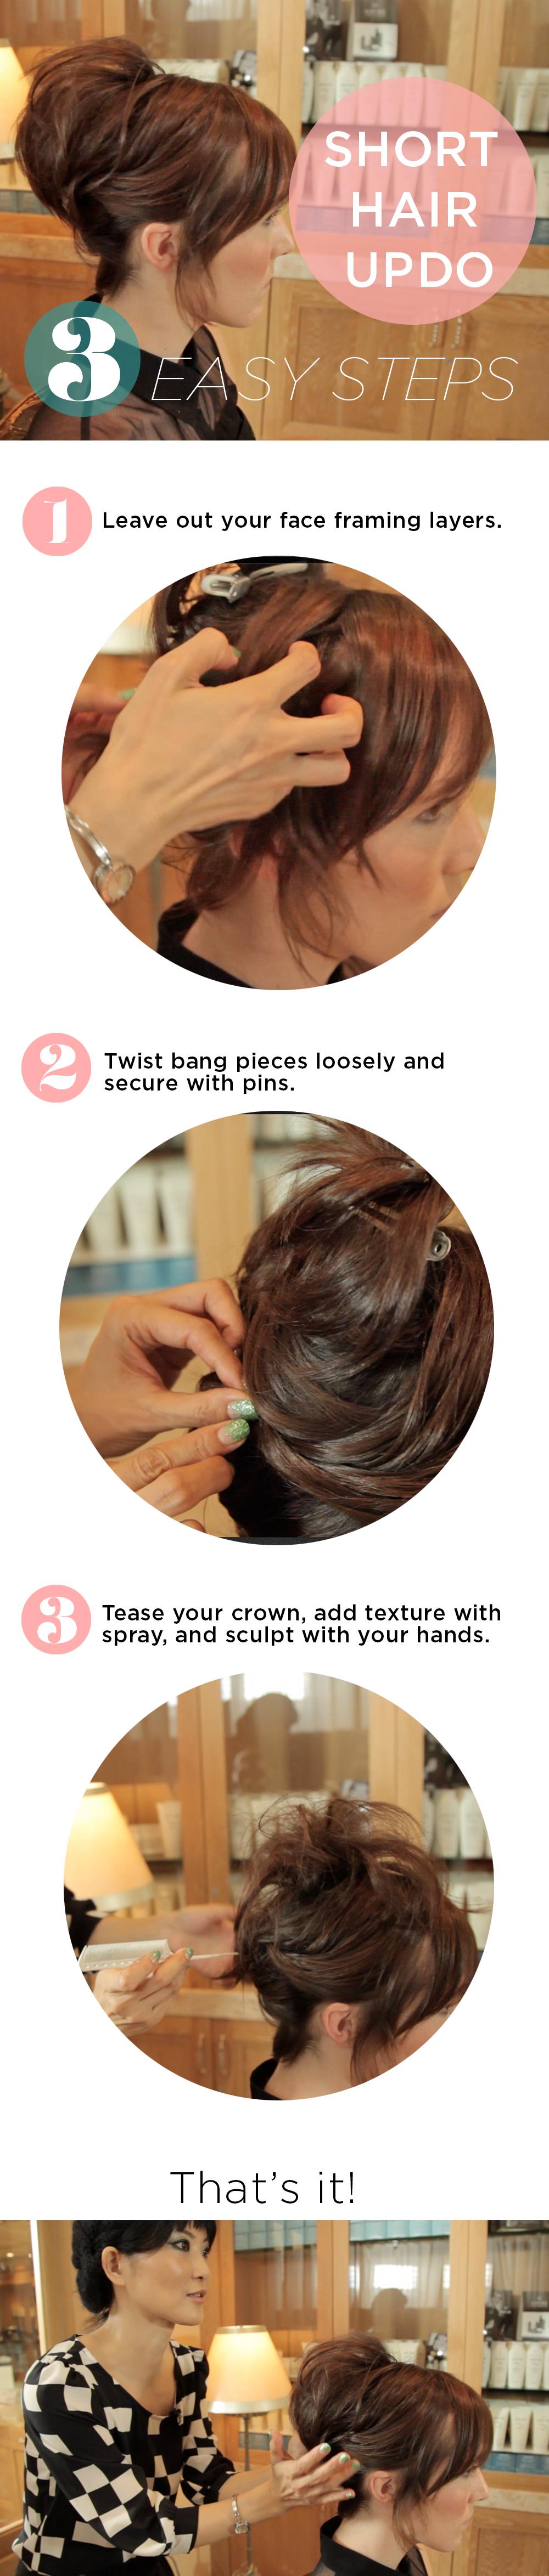 Celeb Hair Stylist Mika Fowler on Short Hair Up-Dos | ModaMob